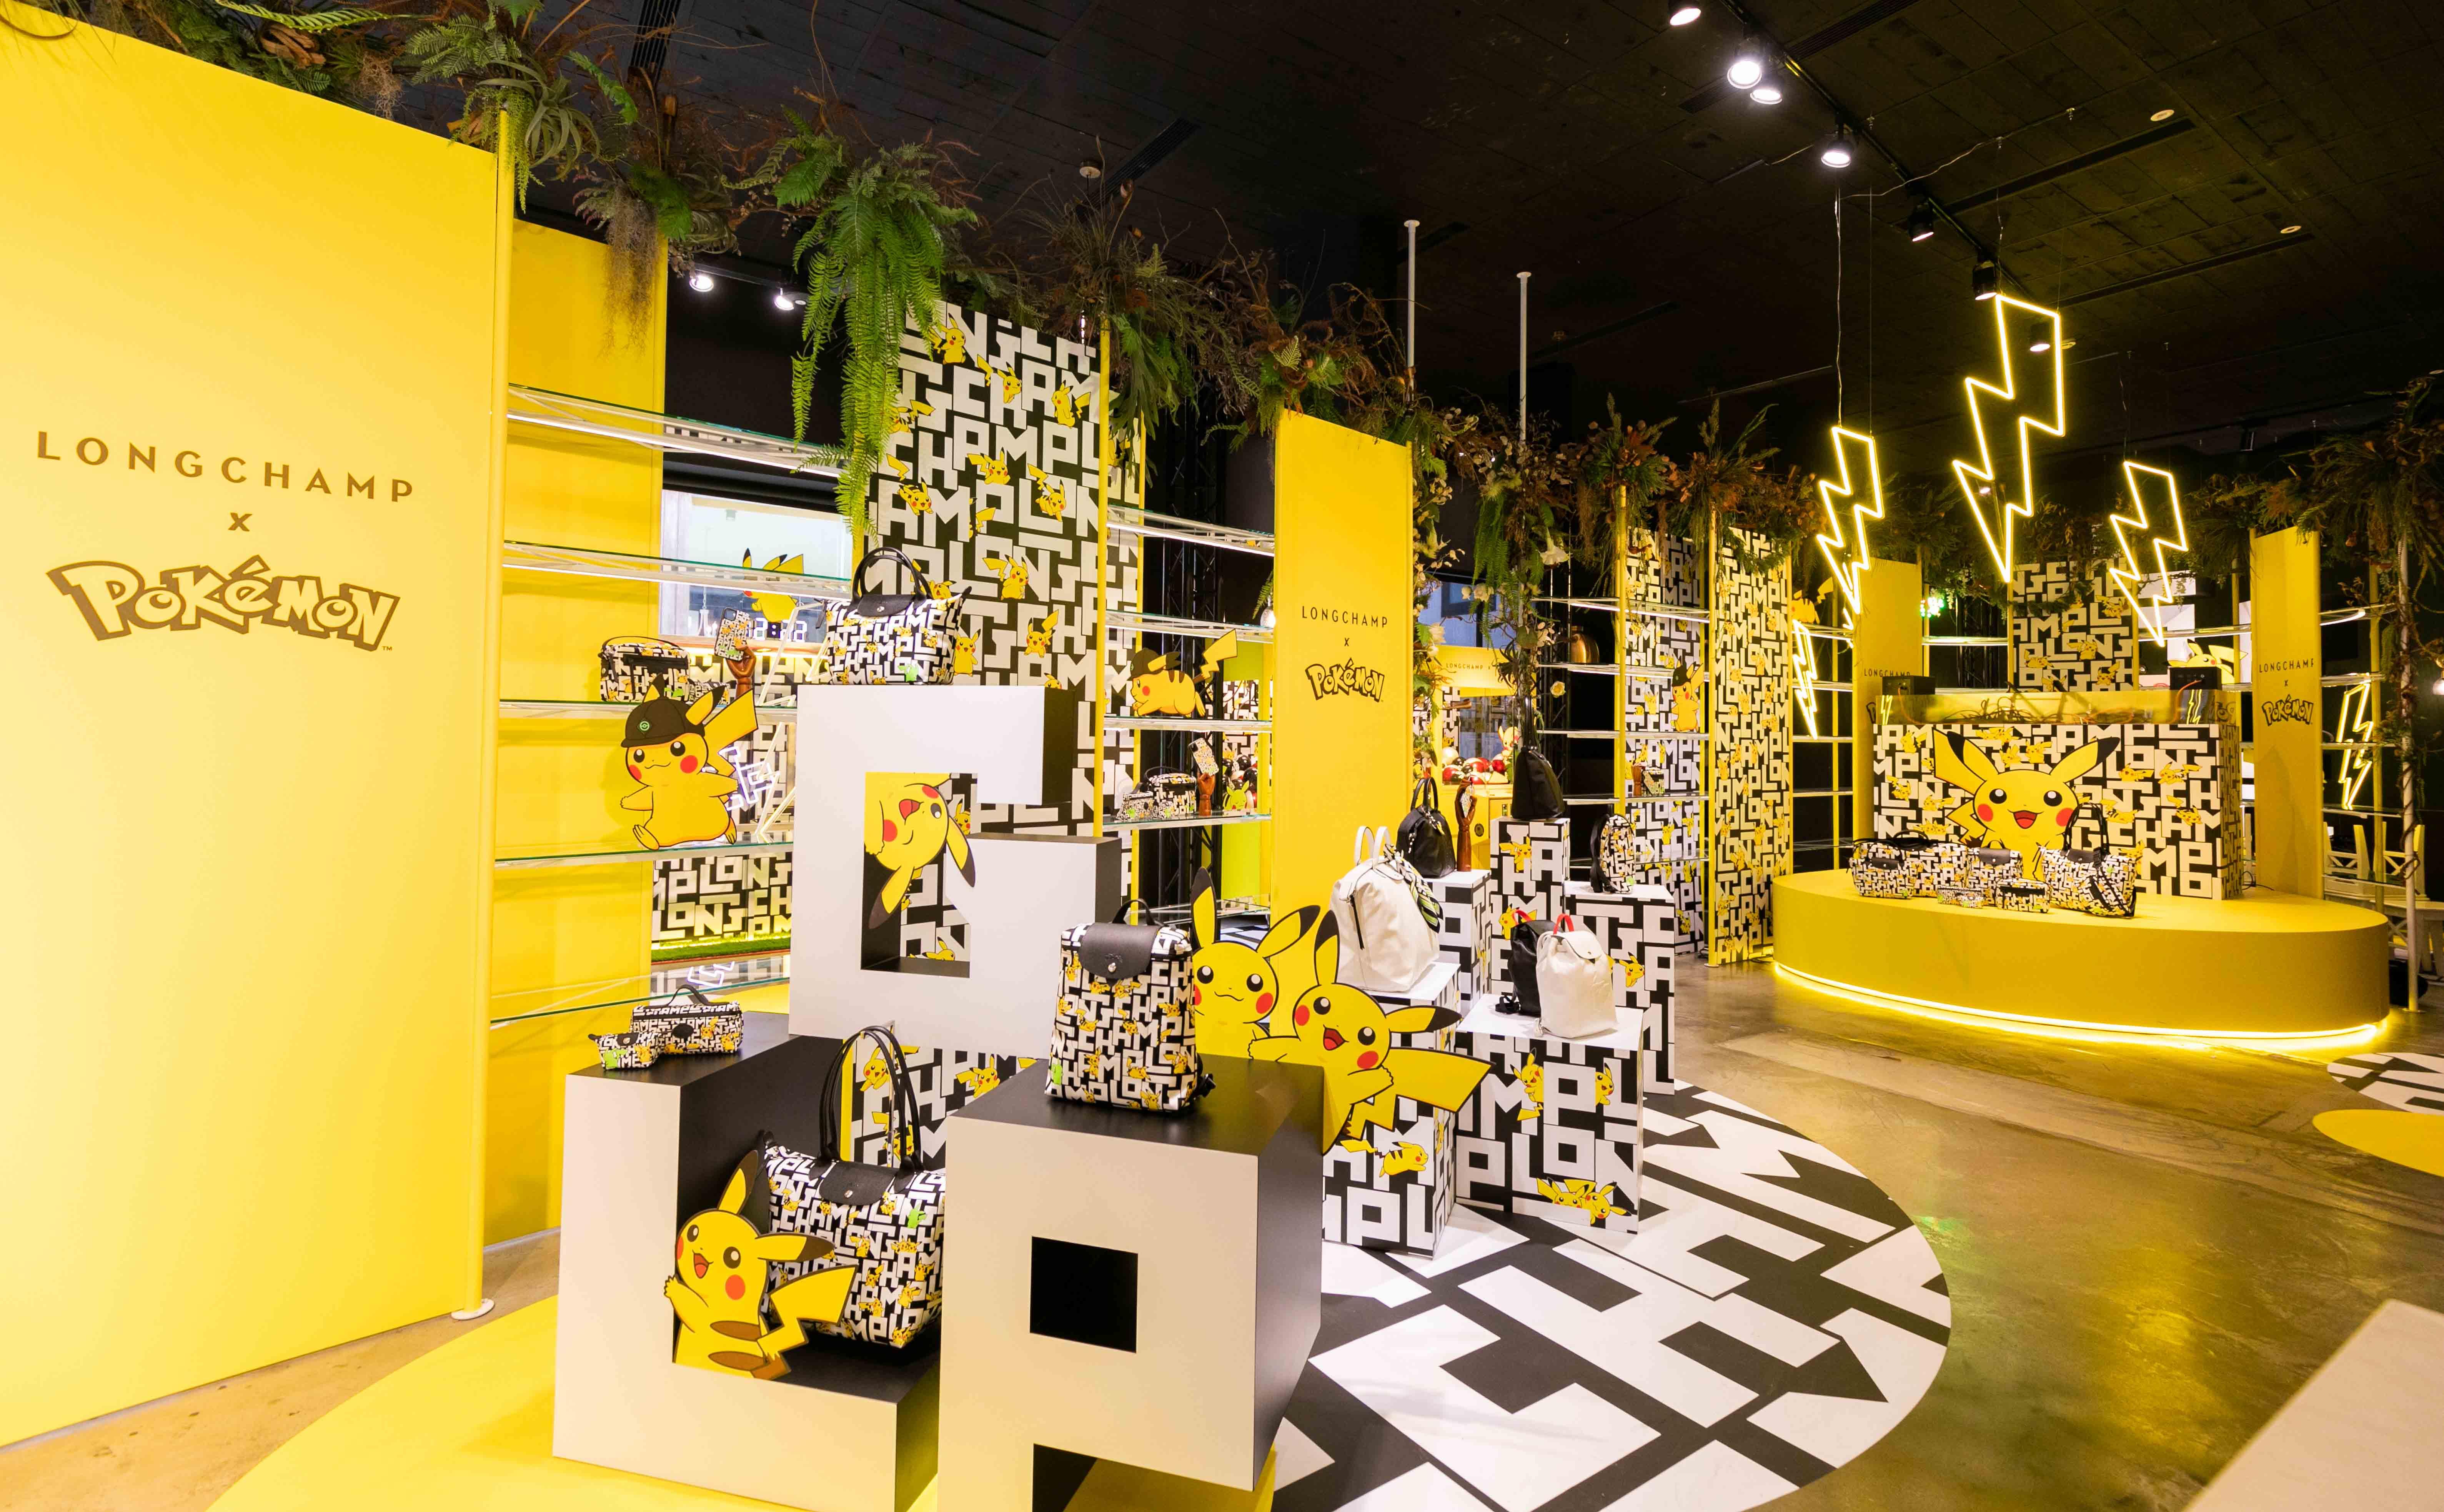 採用黑色與黃色的時尚配色打造成Longchamp x Pokémon快閃店